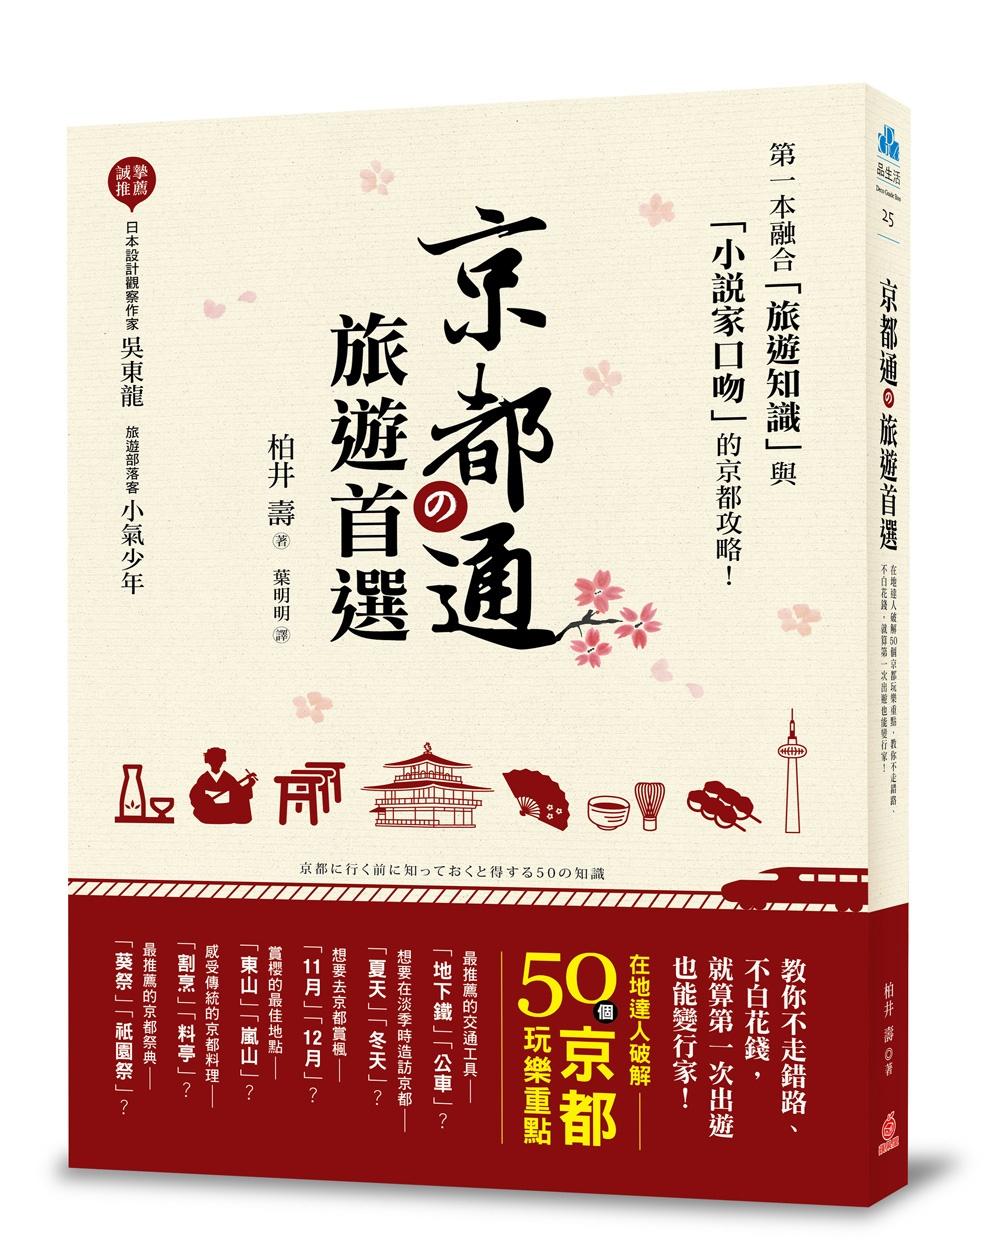 ◤博客來BOOKS◢ 暢銷書榜《推薦》京都通の旅遊首選:在地達人破解50個京都玩樂重點,教你不走錯路、不白花錢,就算第一次出遊也能變行家!